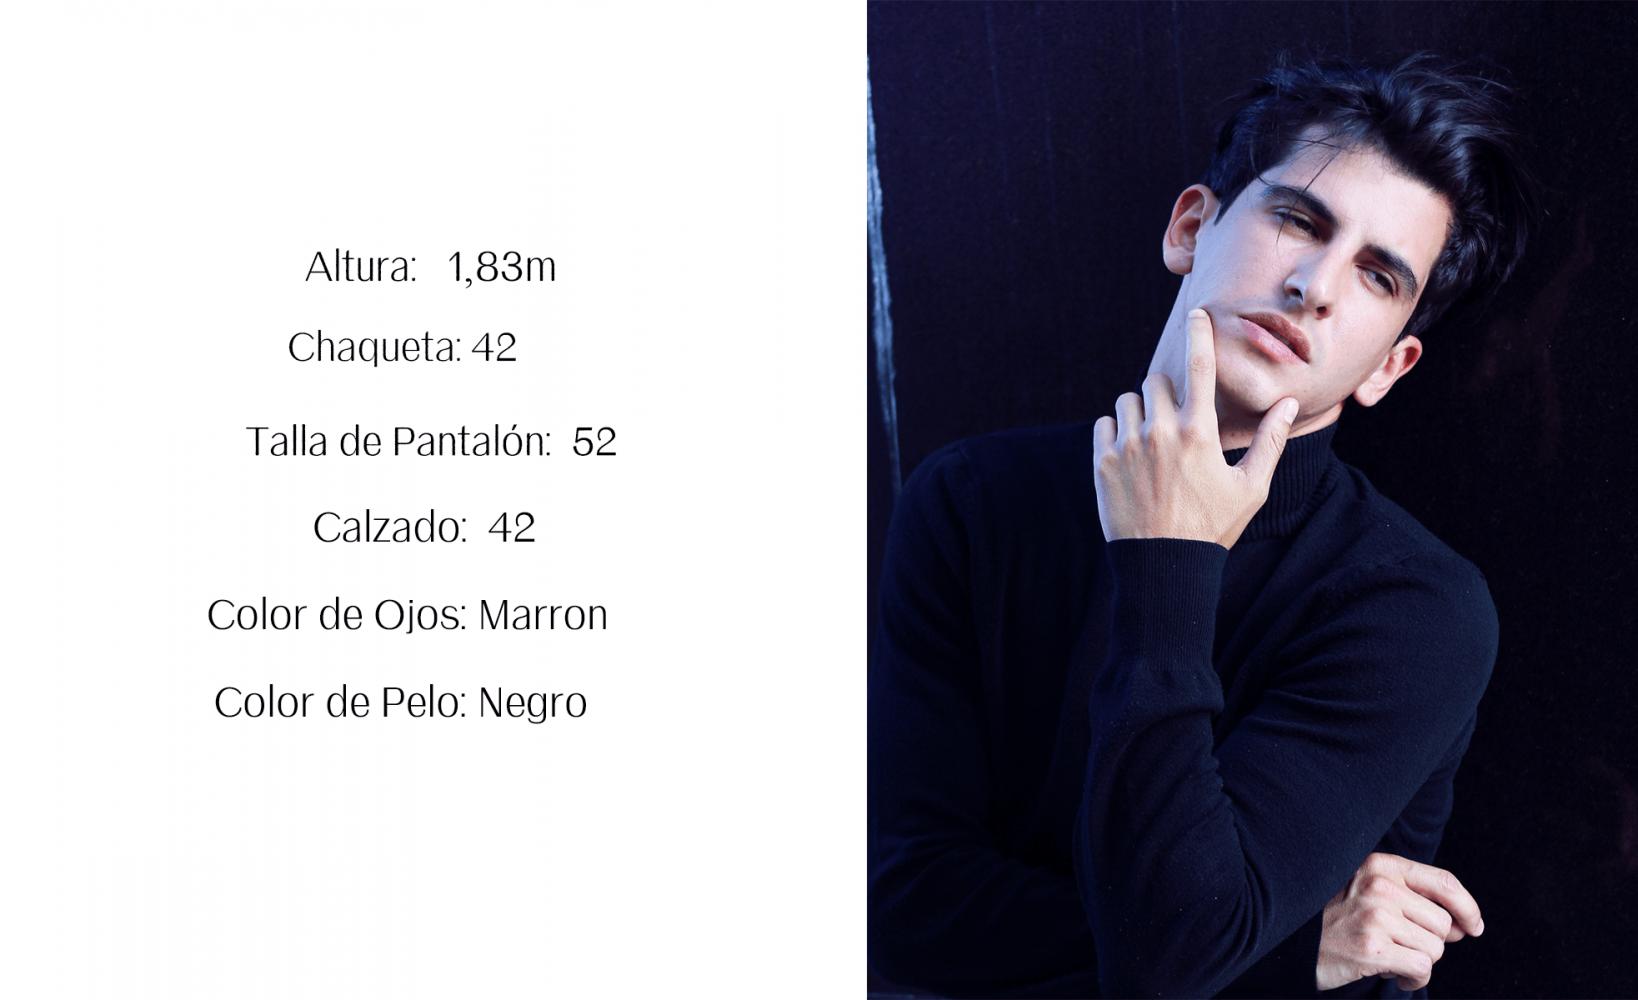 Jorge-Jeixerior01